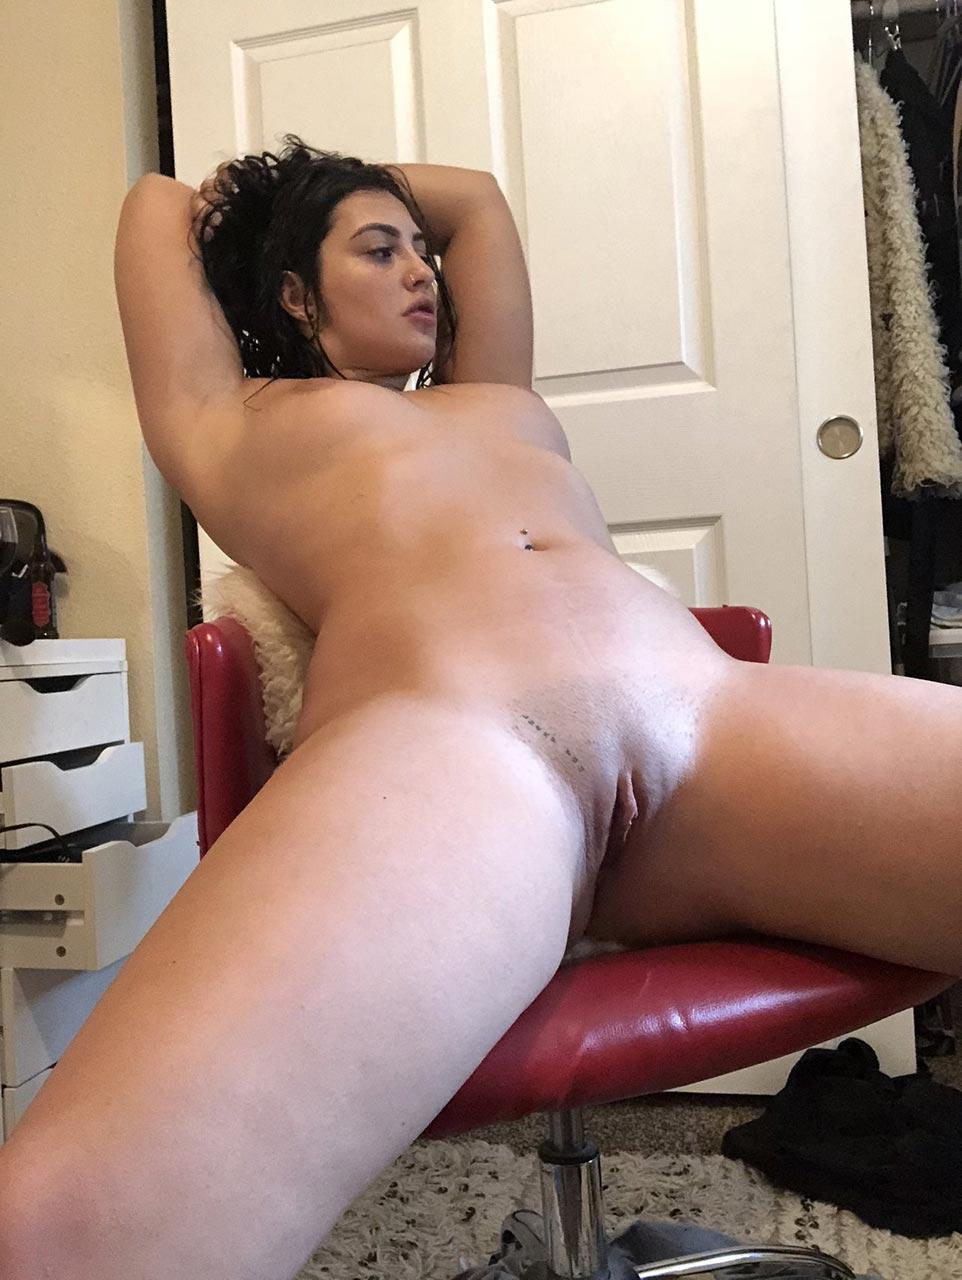 porn photos sexy Hot